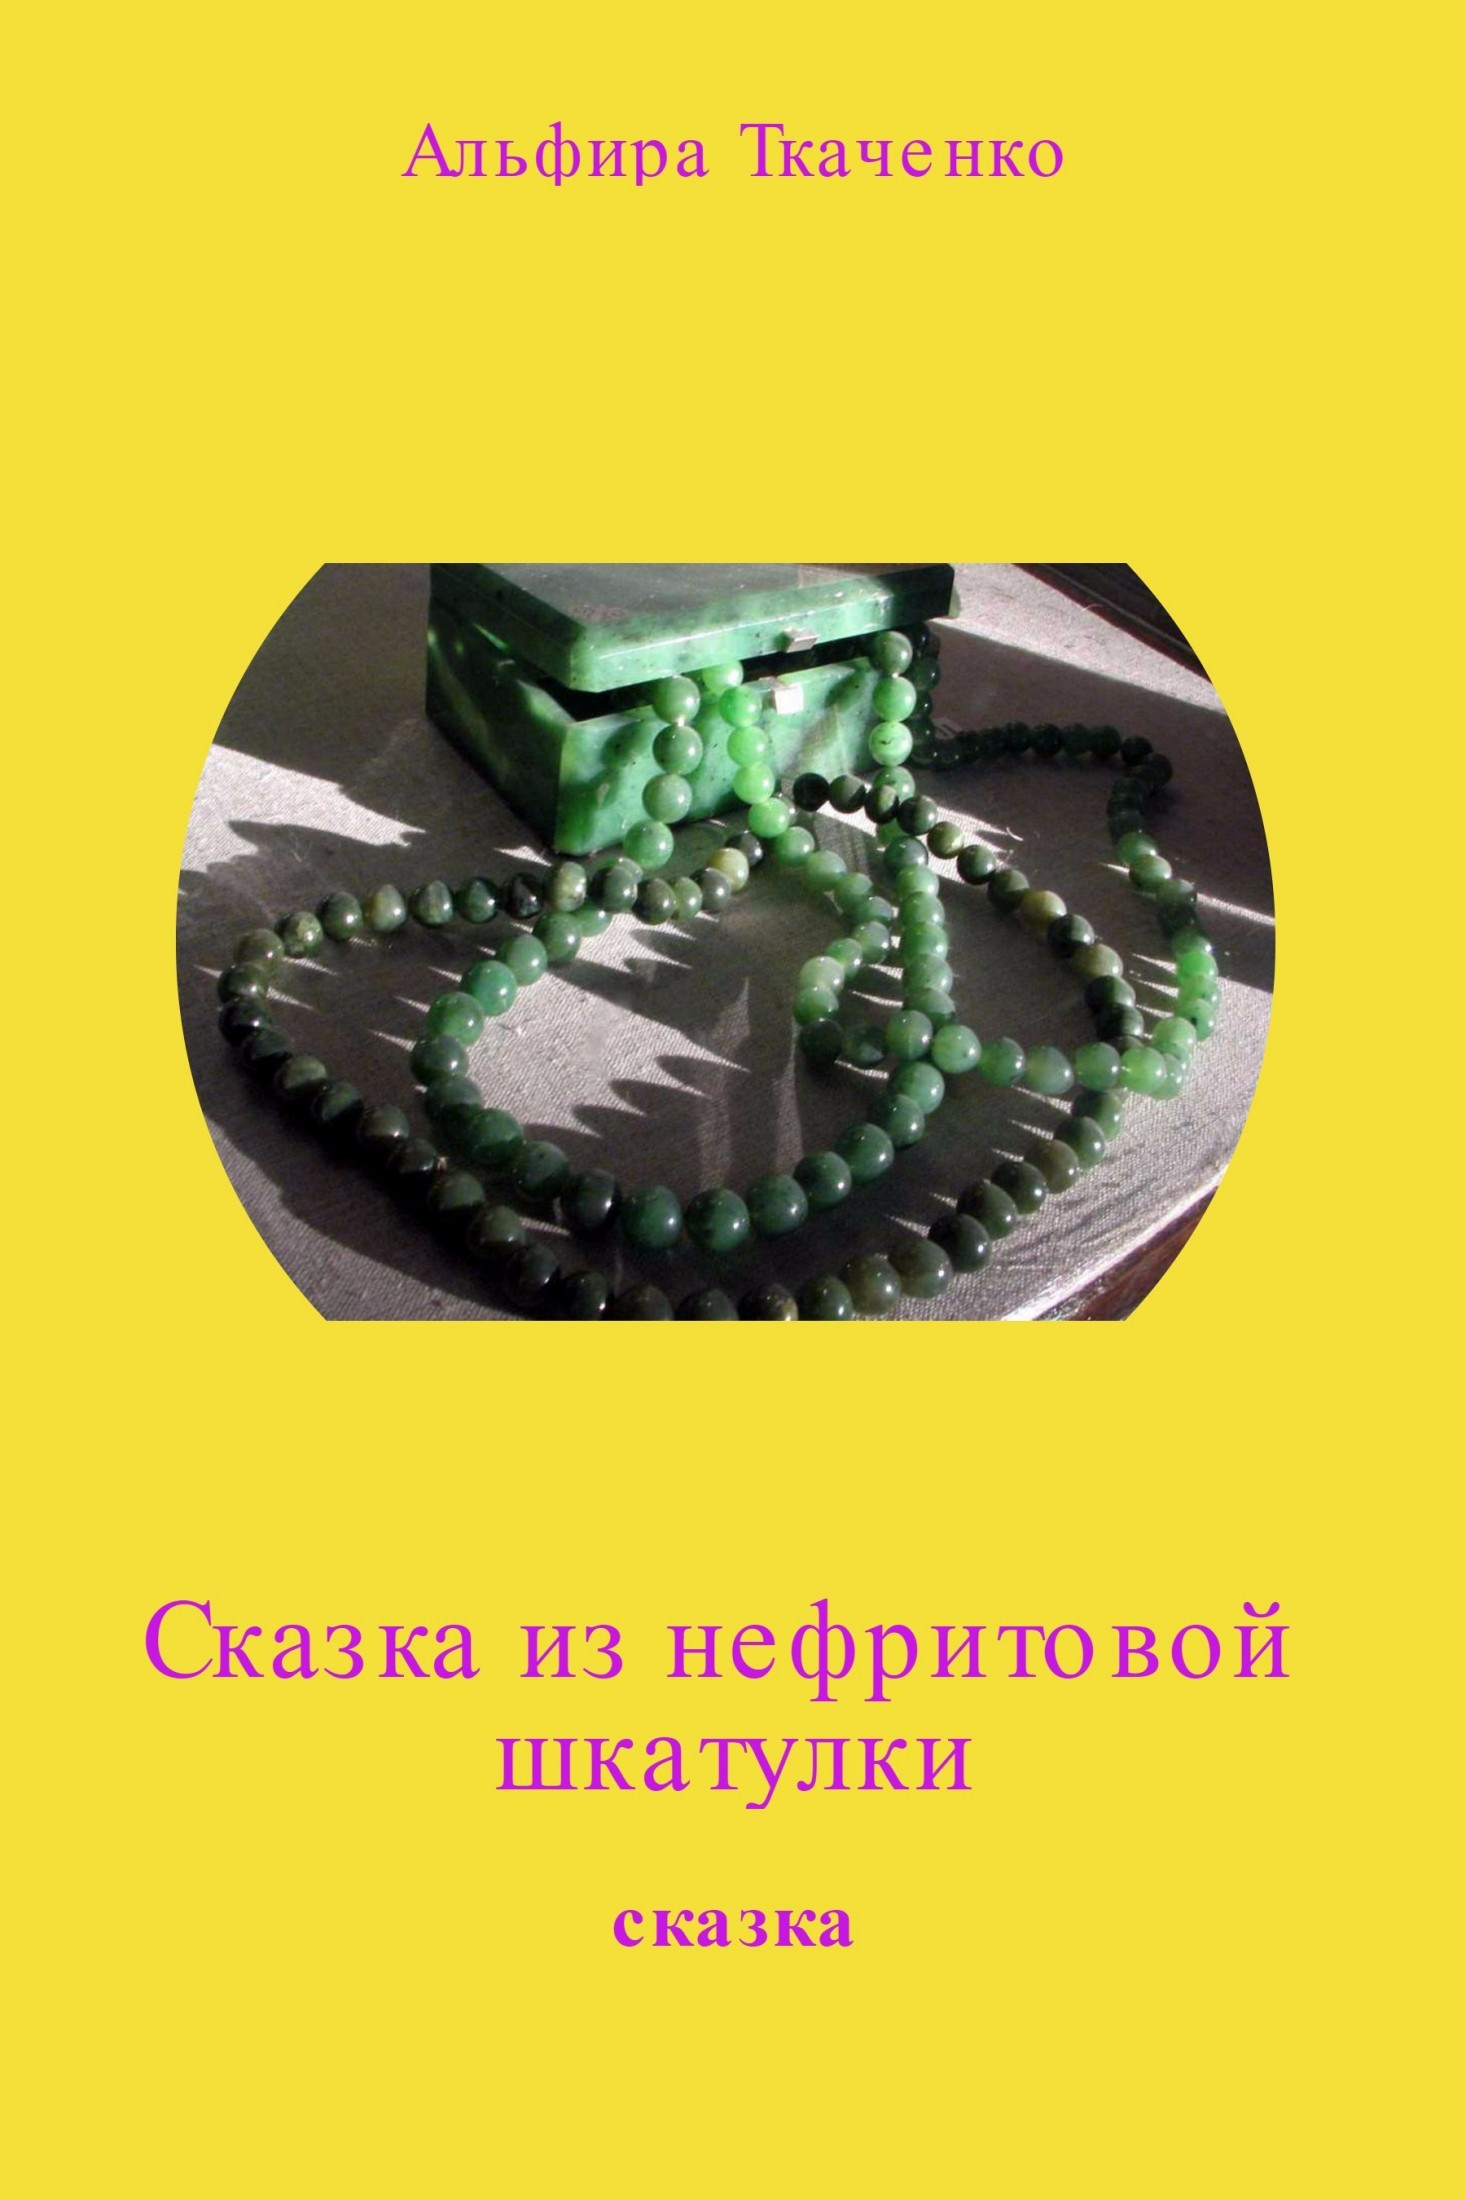 Альфира Федоровна Ткаченко Сказка из нефритовой шкатулки браслет из нефрита дэнс